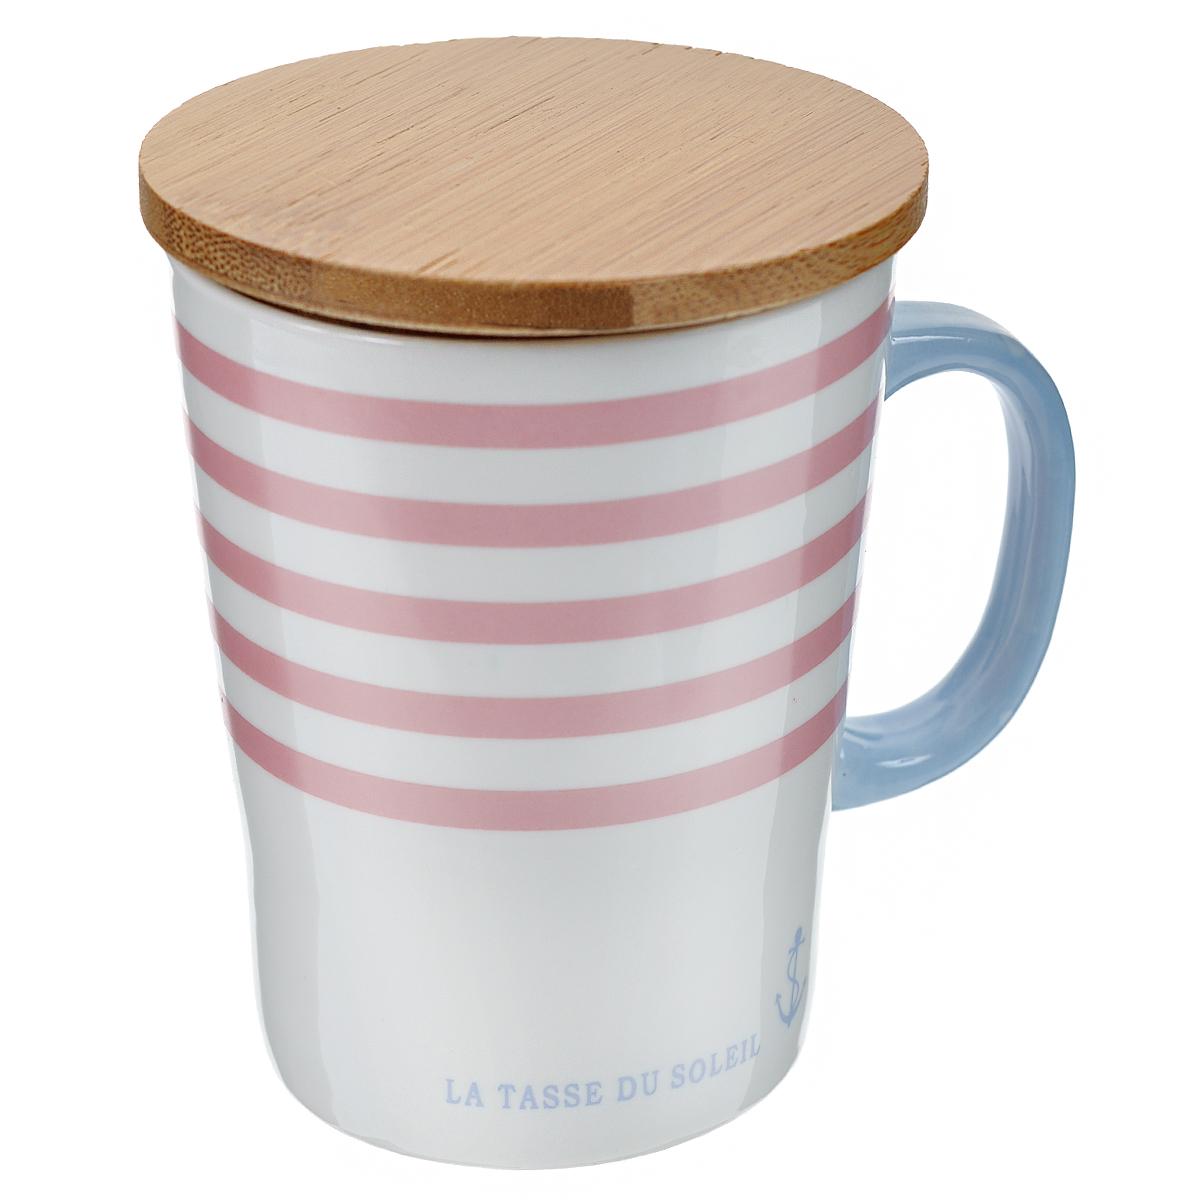 Кружка Полосы, с бамбуковой крышкой, цвет: розовый, белый003075Оригинальная кружка Полосы, выполненная из керамики, станет отличным подарком для человека, ценящего забавные и практичные подарки. Кружка оформлена цветными полосками. Благодаря бамбуковой крышке, входящей в комплект, кружка превосходно сохраняет температуру напитка. Также крышка может быть использована в качестве подставки под горячее.Такой подарок станет не только приятным, но и практичным сувениром: кружка станет незаменимым атрибутом чаепития, а оригинальный дизайн вызовет улыбку. Характеристики:Материал:керамика, бамбук. Высота кружки (без учета крышки):10 см. Диаметр по верхнему краю:7,5 см. Объем:200 мл. Размер упаковки:9,5 см х 8,5 см х 11 см. Артикул: 003075.